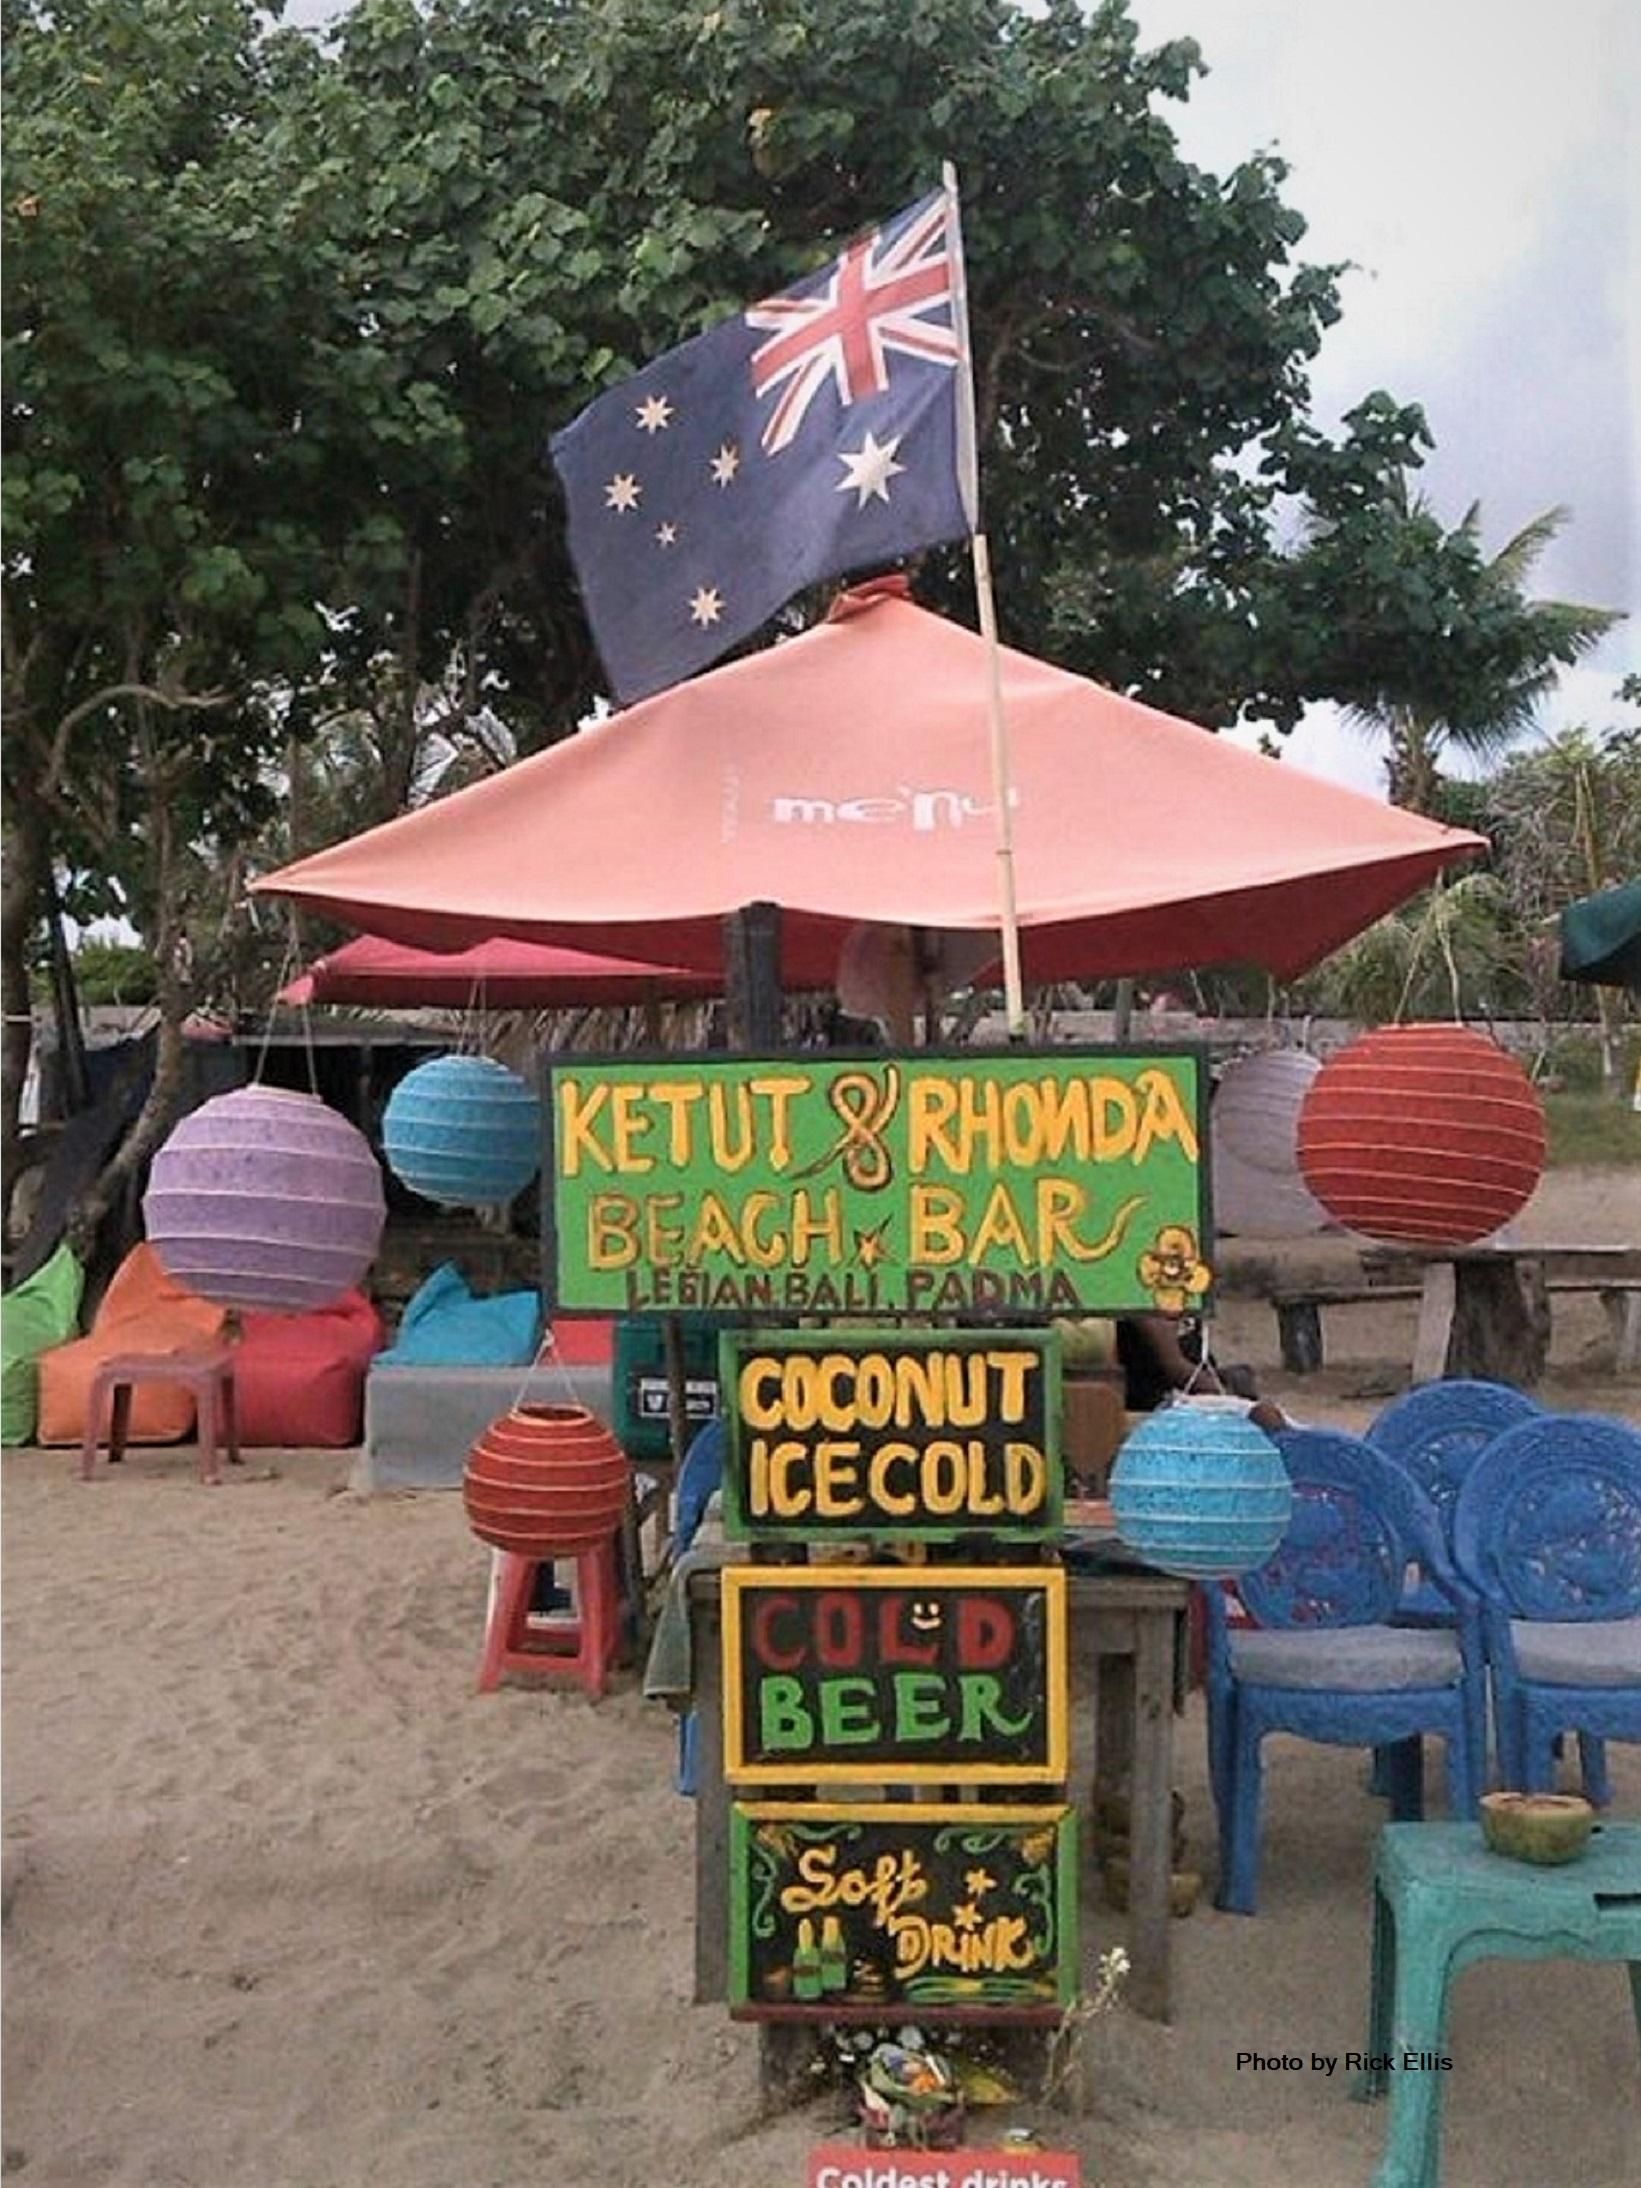 A typical Balinese beach bar